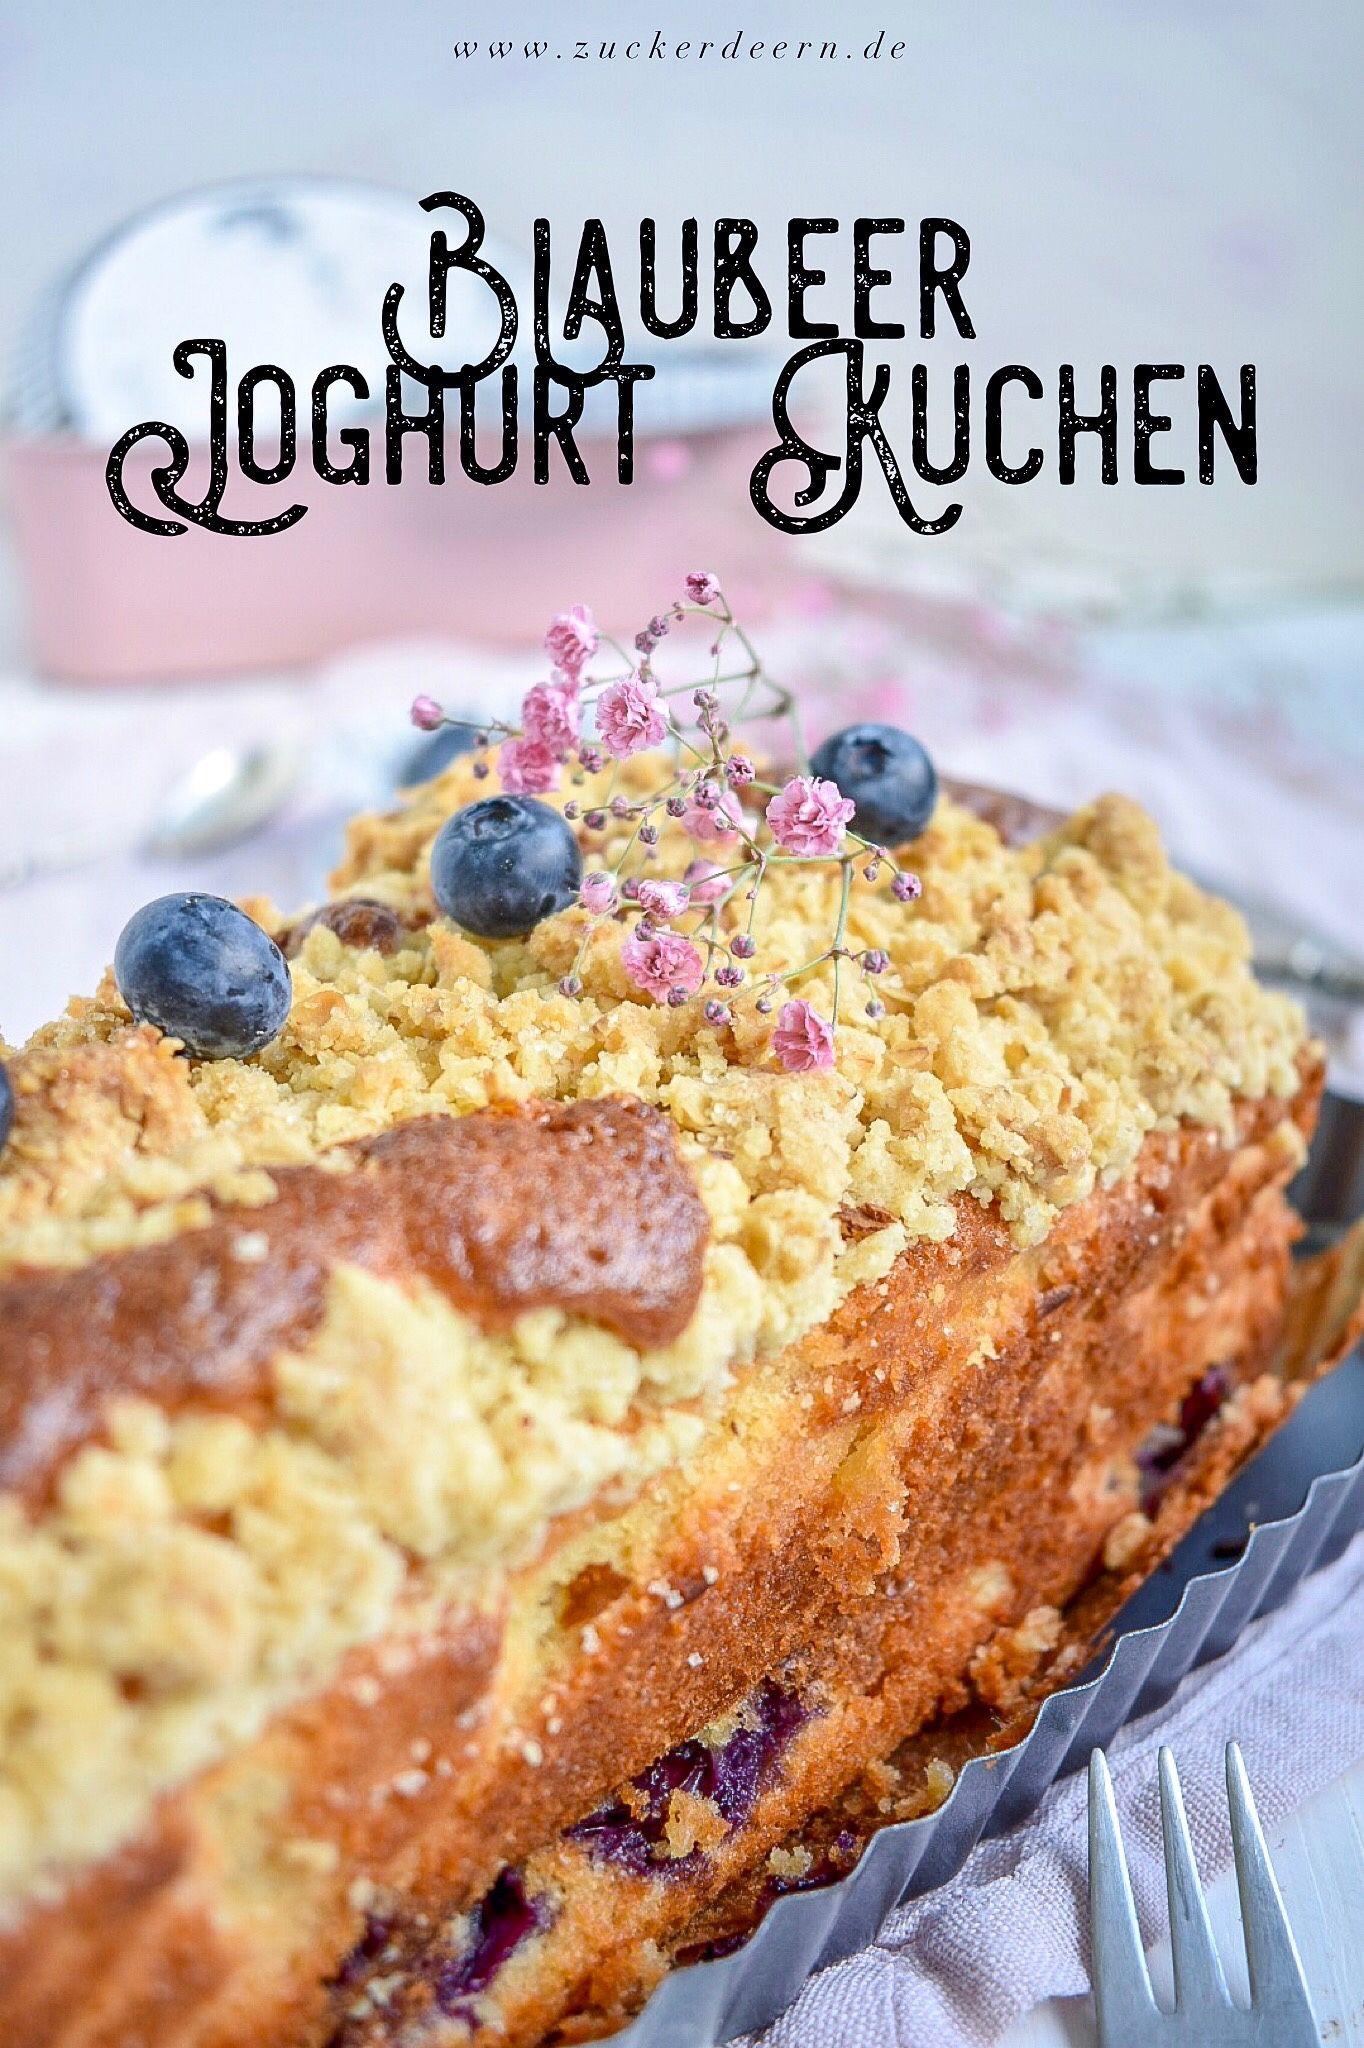 Super schnellles Rezept für einen Blaubeer Joghurt Kuchen aus Rührteig mit kn…